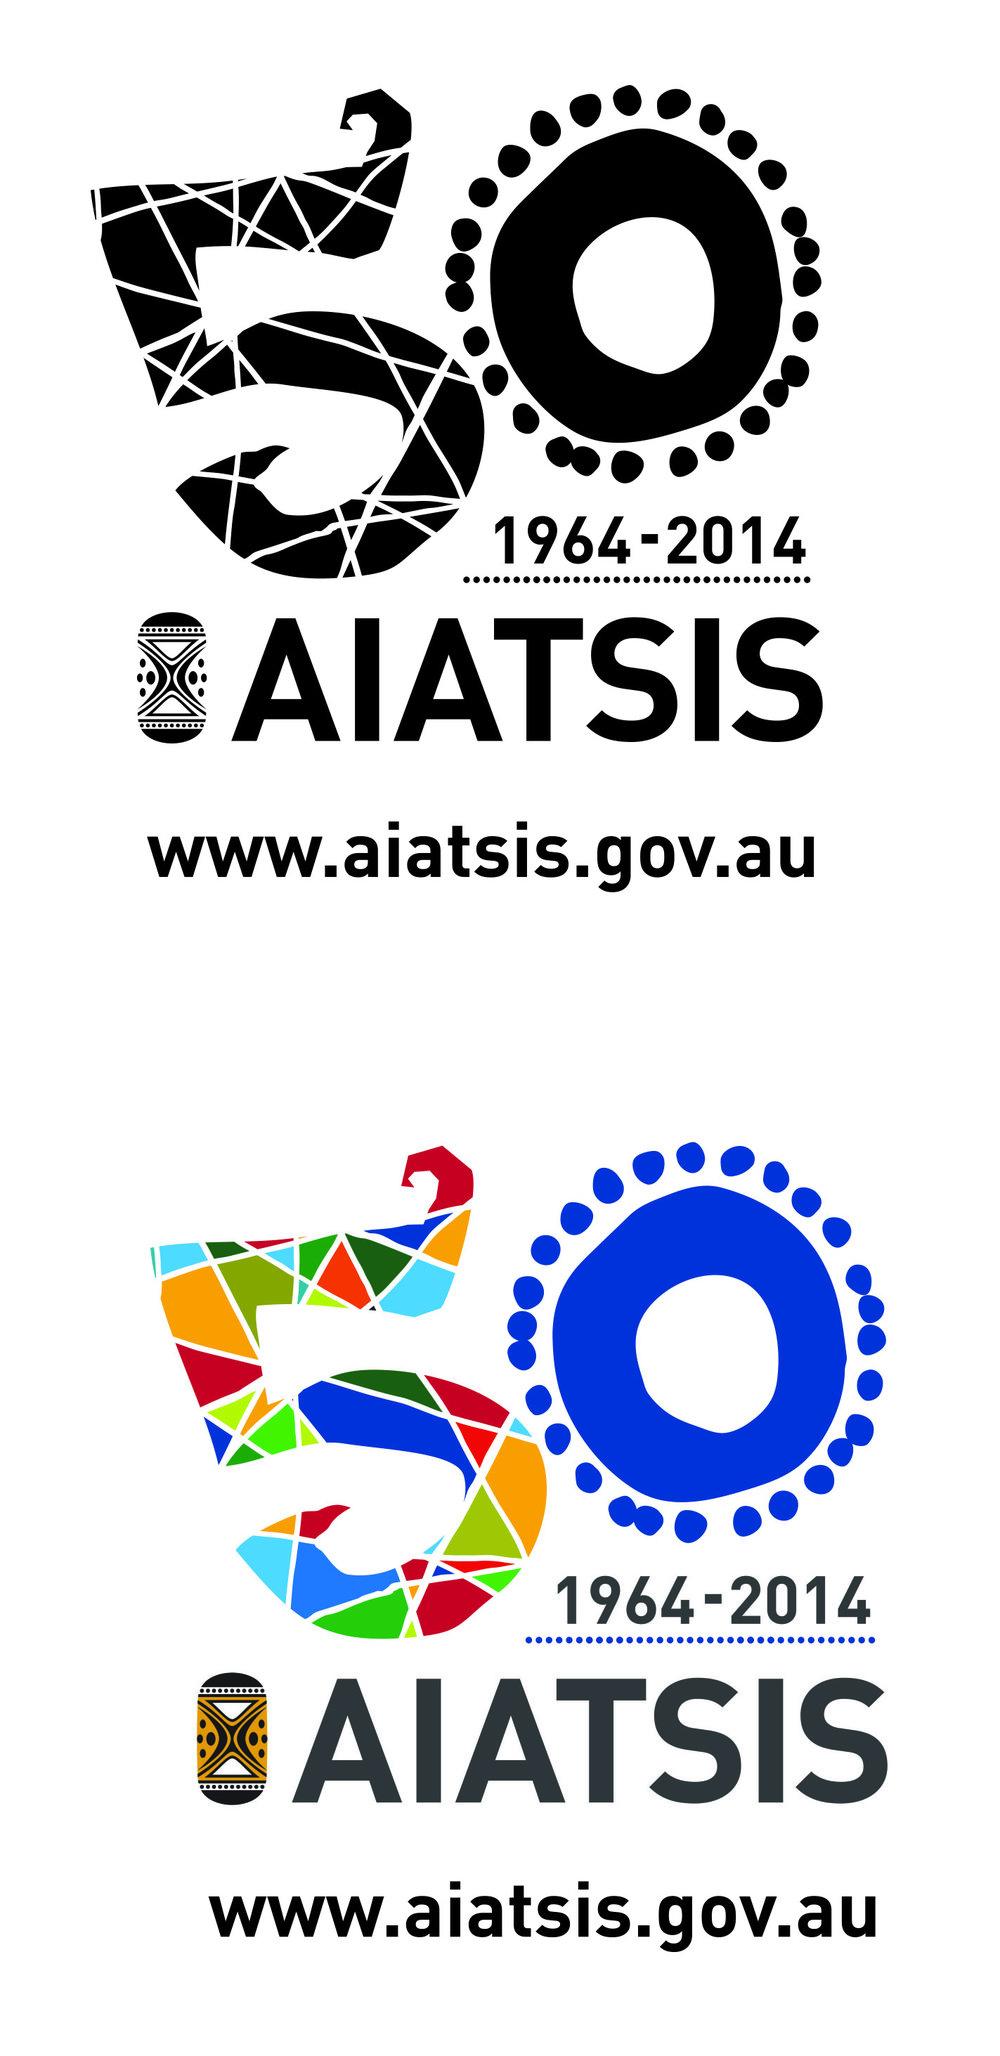 AIATSIS_50TH_LOGOai.jpg